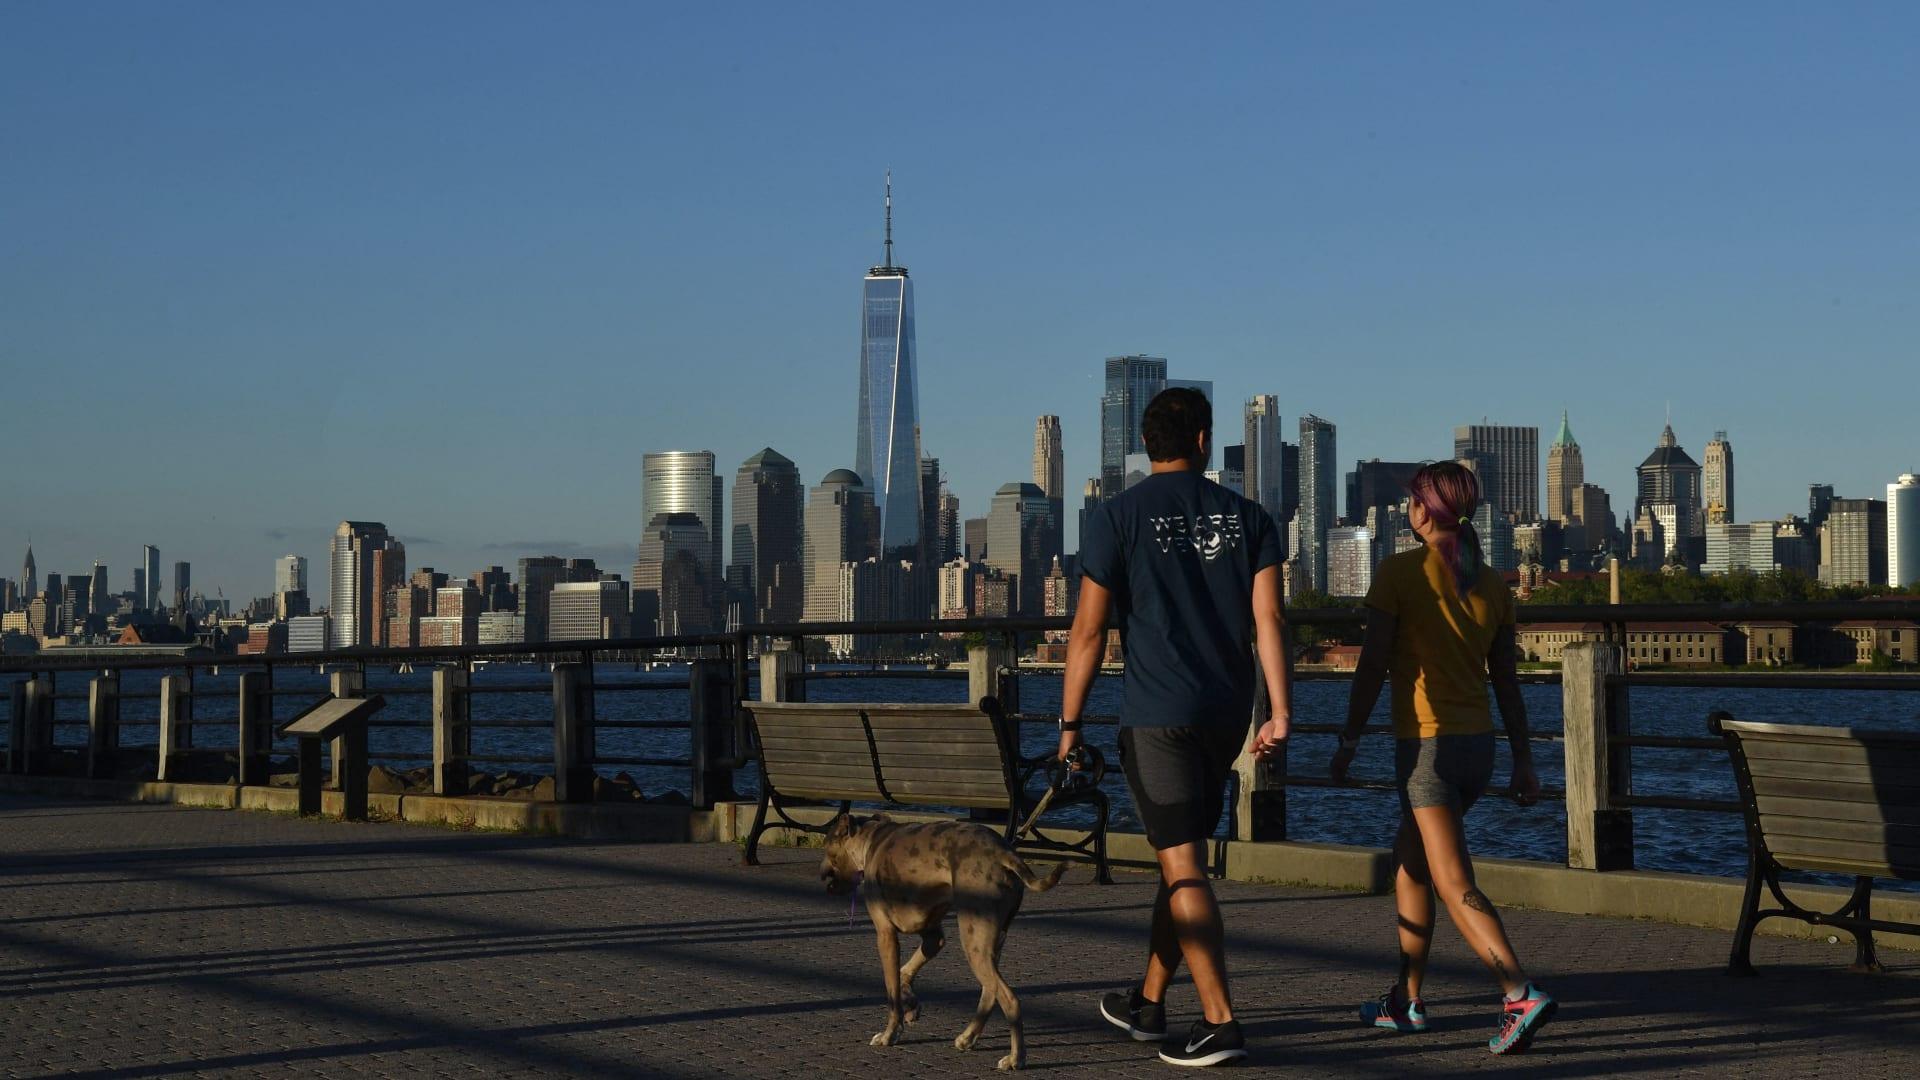 للمشي فوائد كثيرة.. كيف تزيد من هذا التمرين في حياتك؟